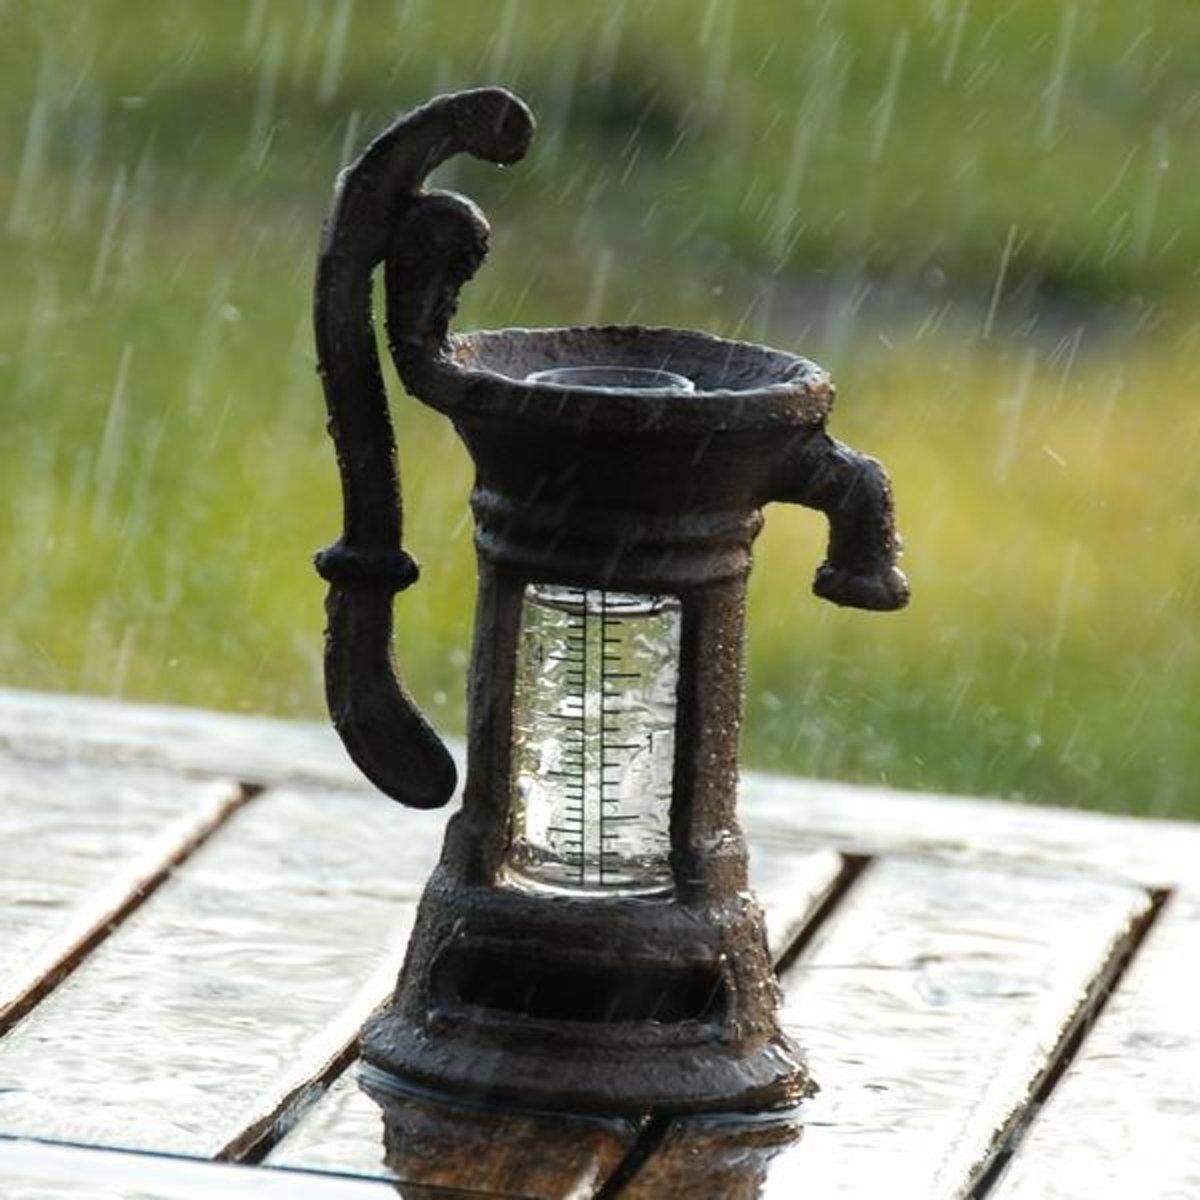 Regenmeter - pluviometer waterpomp - set van 3 stuks kopen